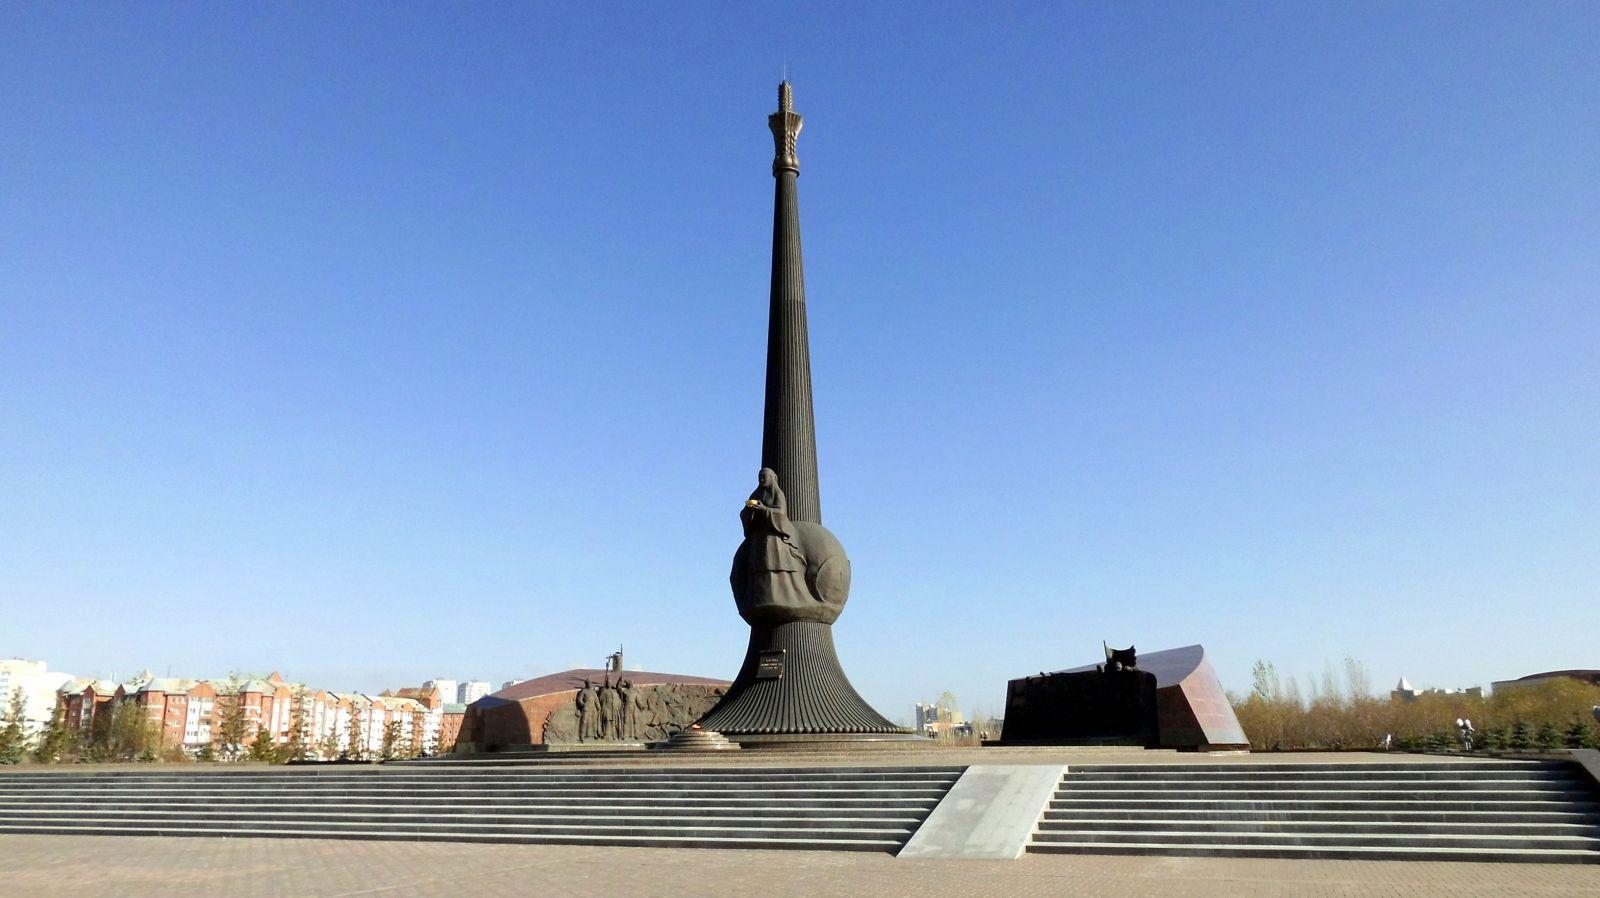 г. Астана. Общий вид памятника «Защитники отечества».